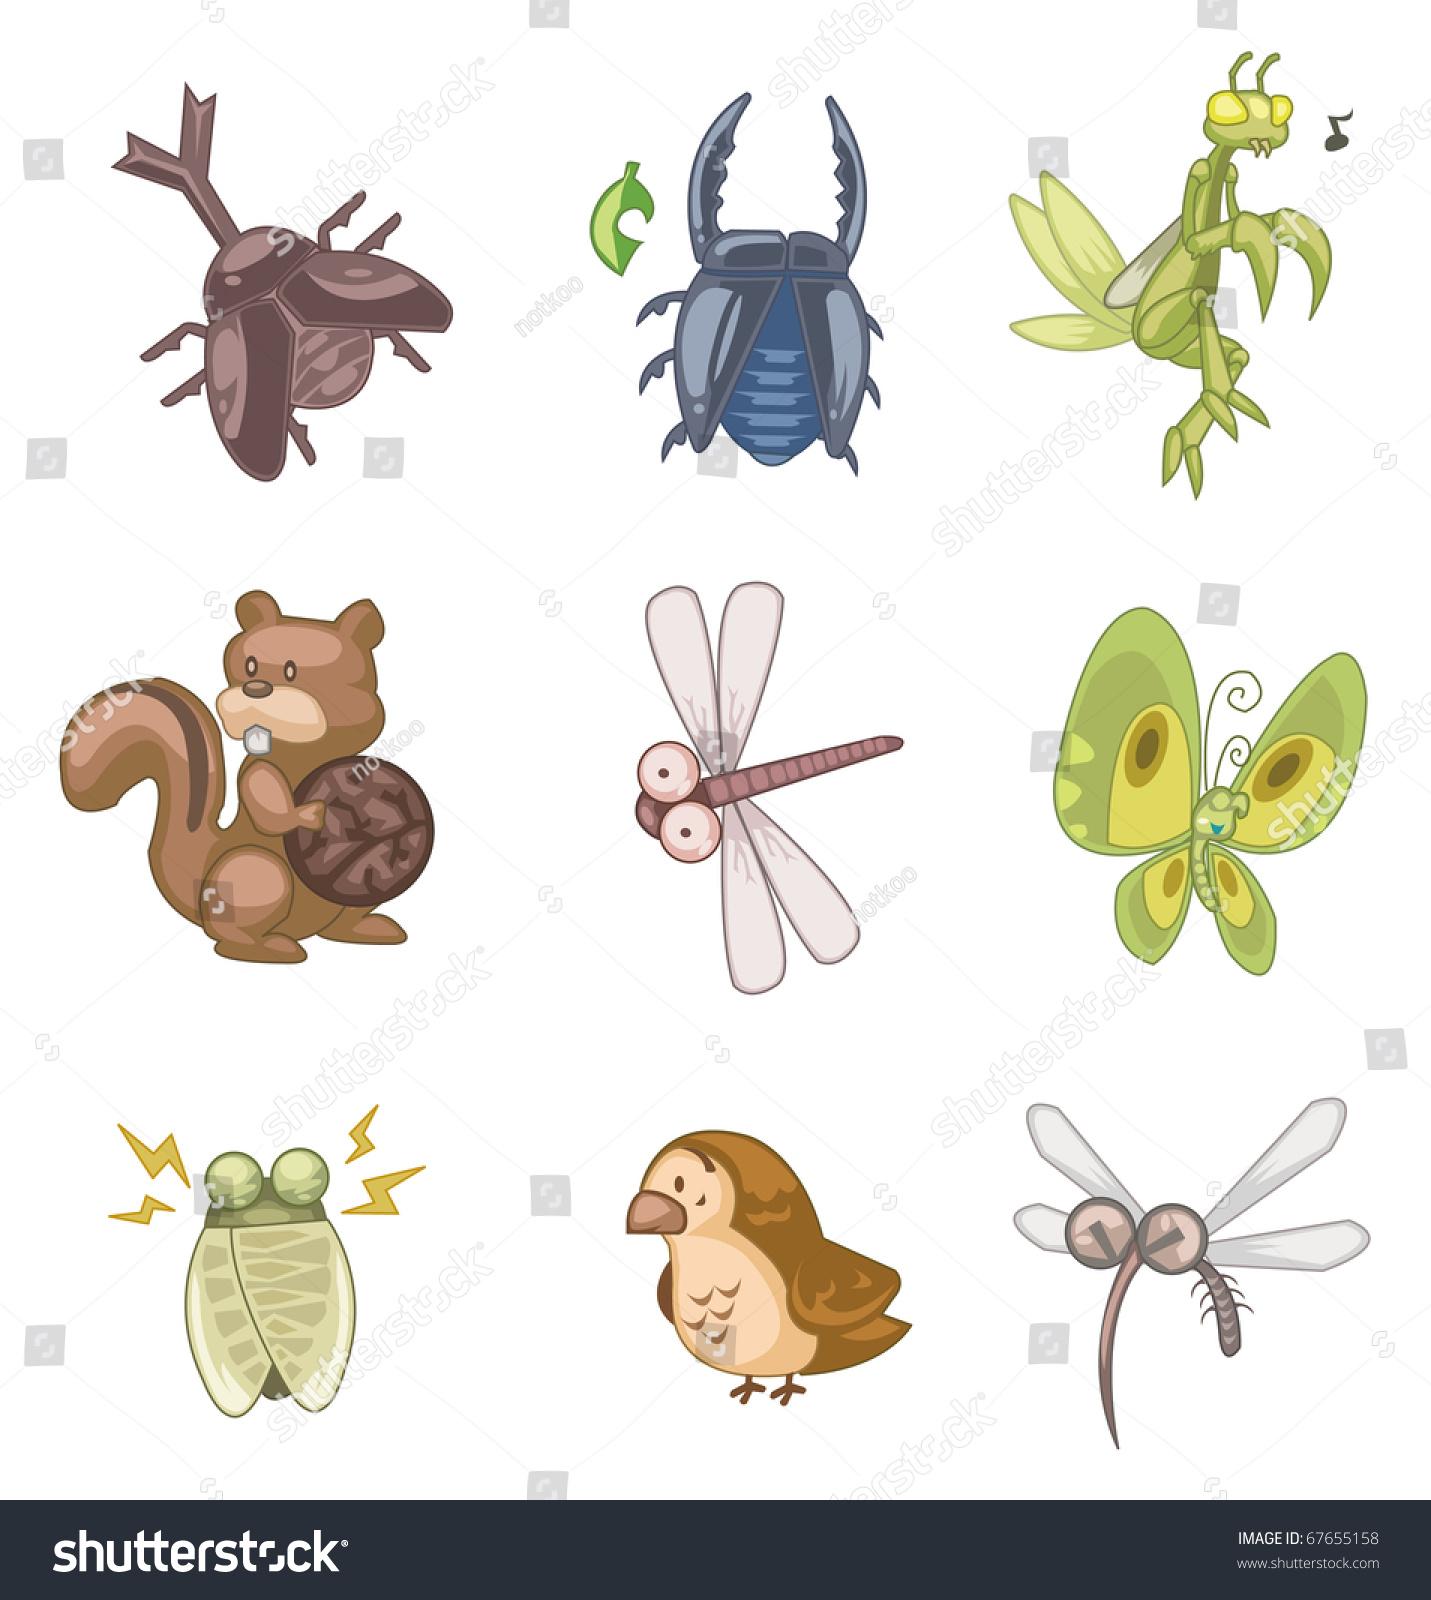 日历手机图标昆虫素材